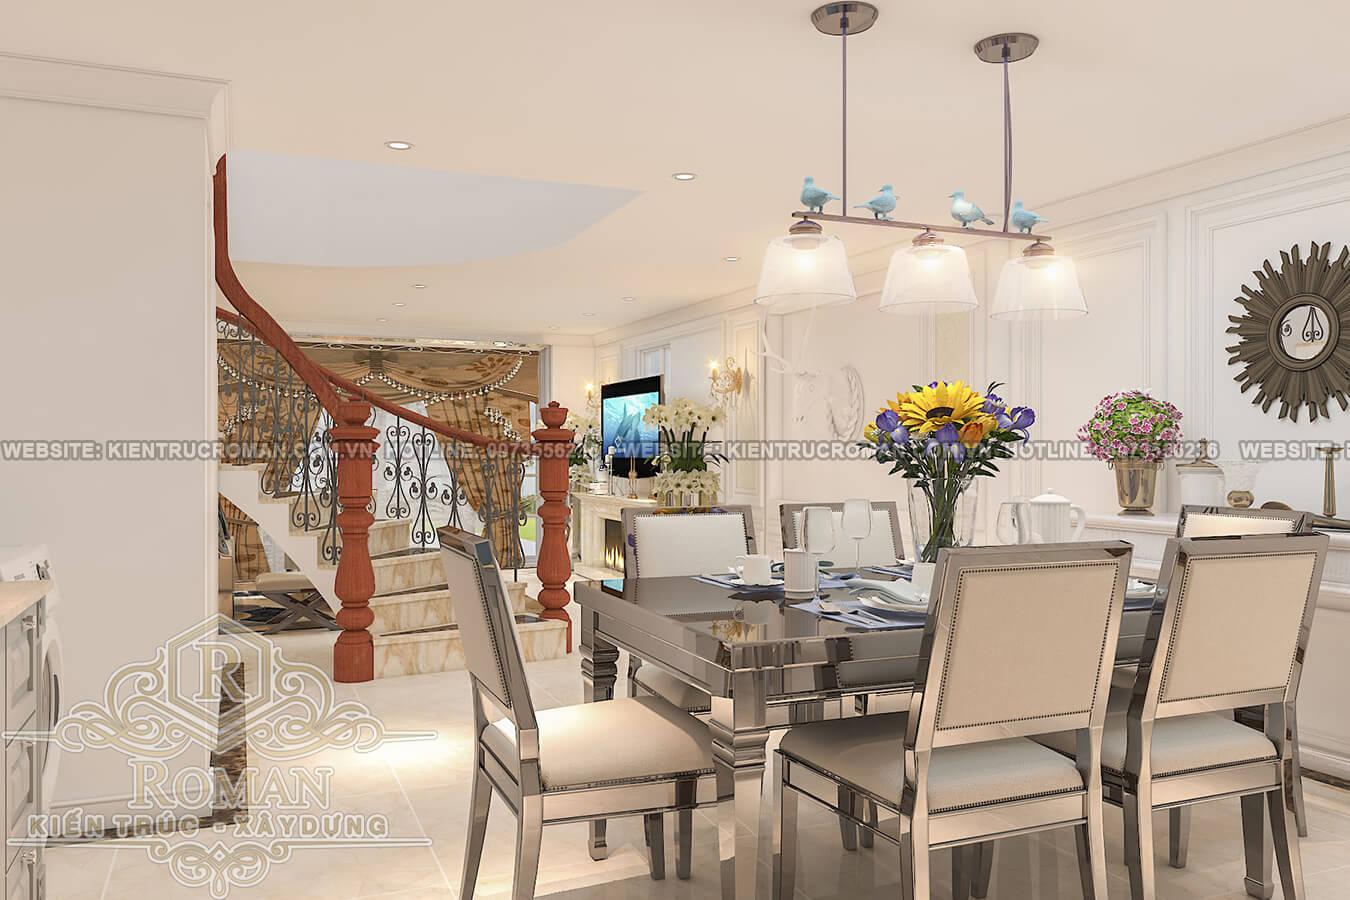 phòng ăn và bếp thiết kế nhà phố kiểu pháp